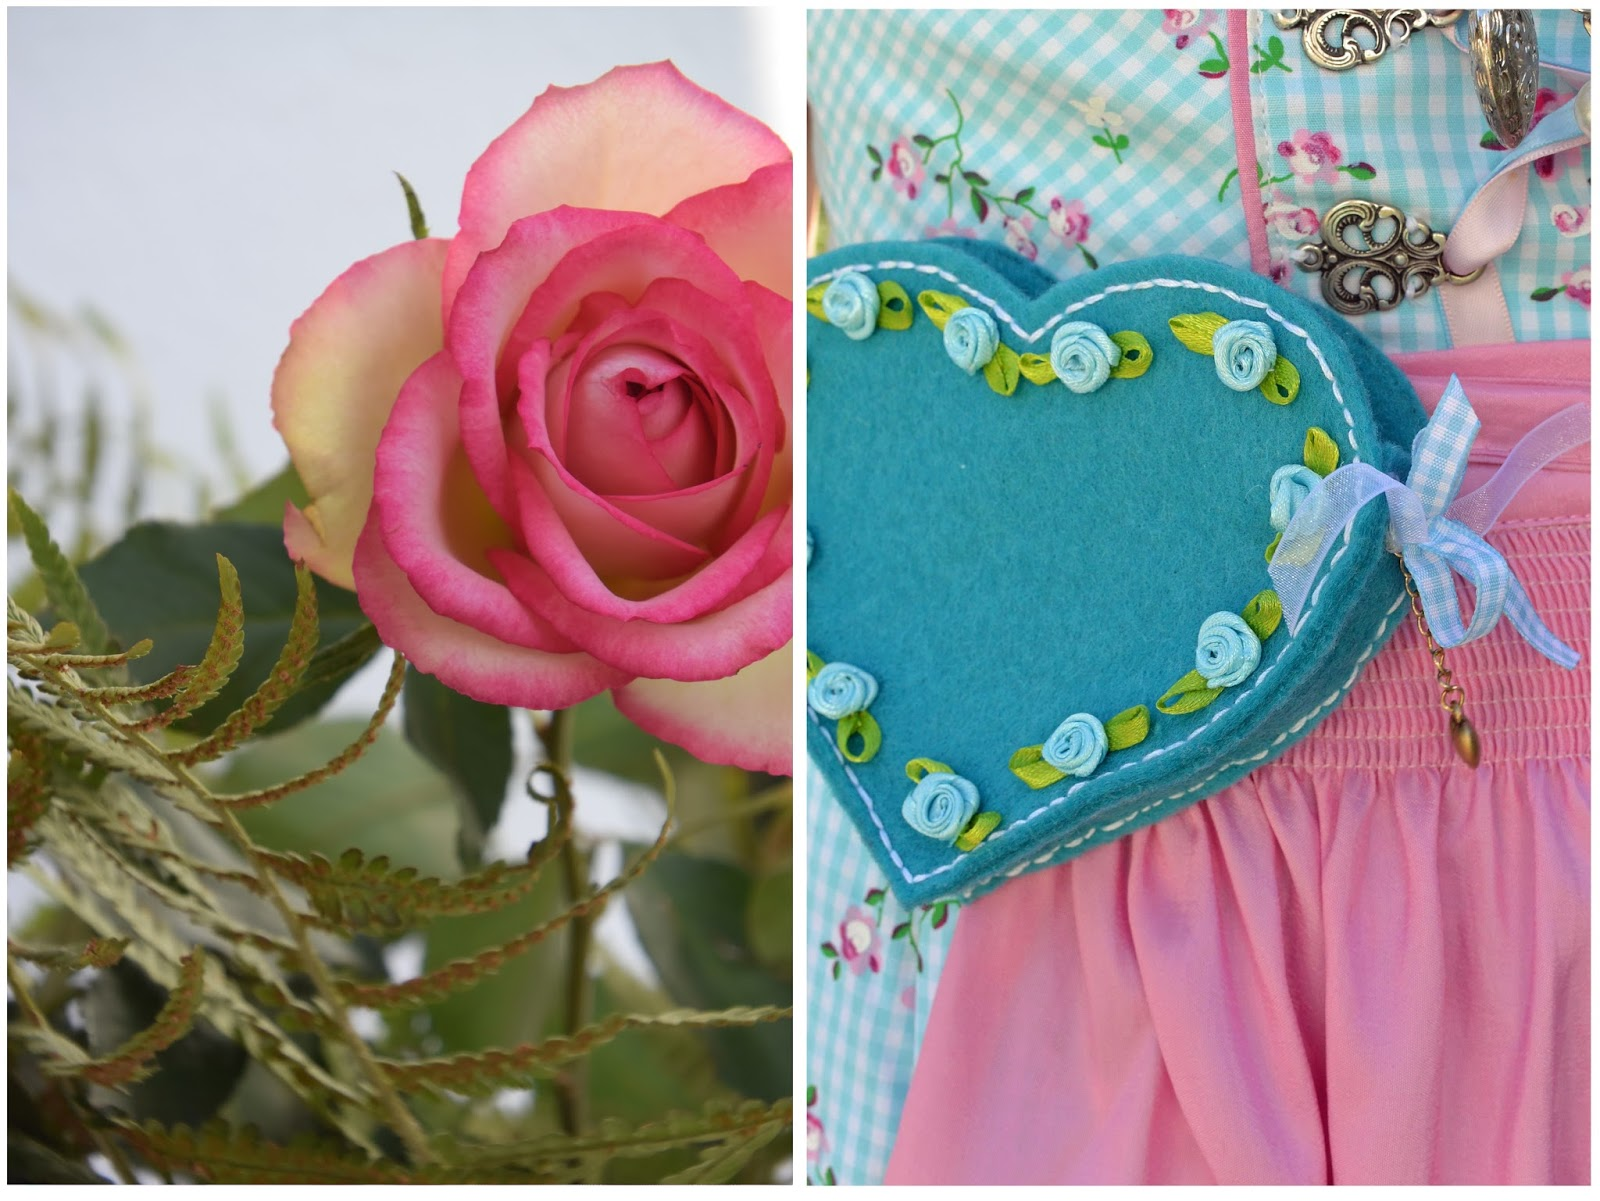 kristallzauber diy dirndltasche in herzform mit kleinen rosen f rs oktoberfest. Black Bedroom Furniture Sets. Home Design Ideas